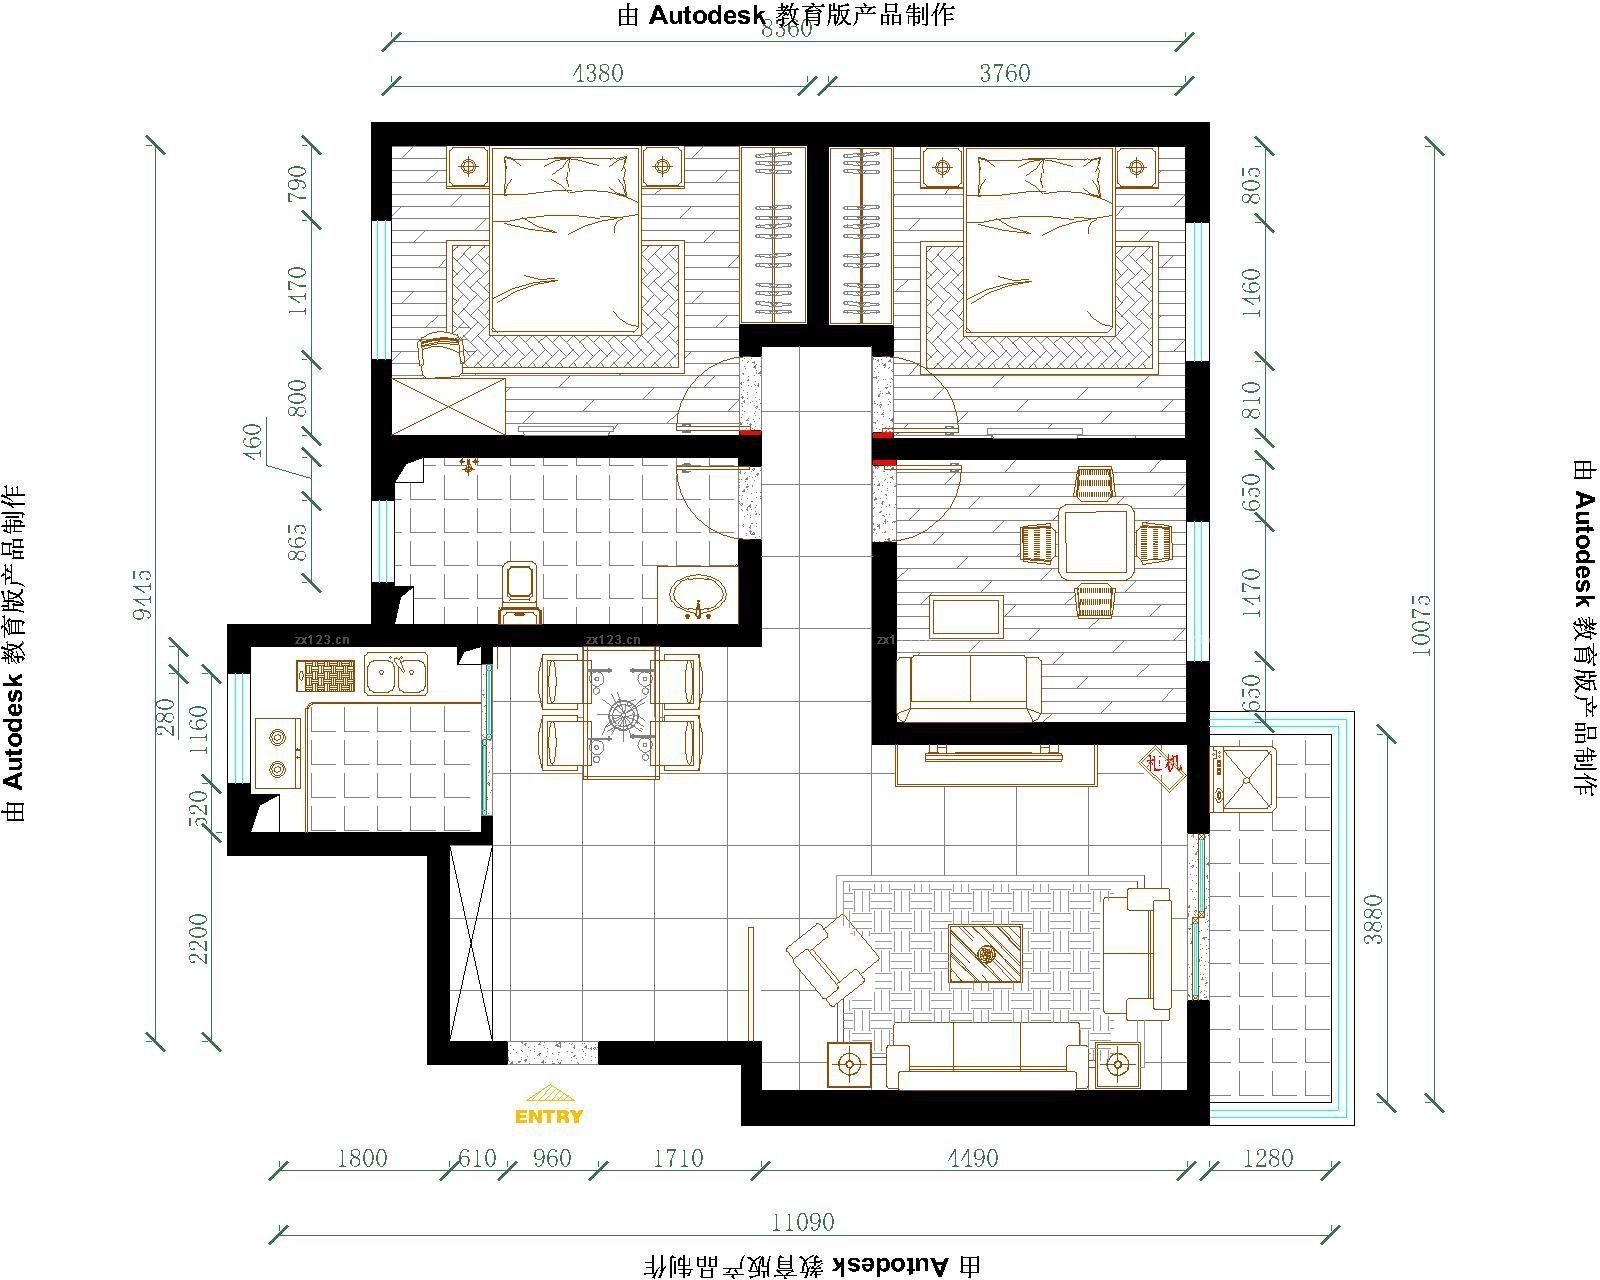 紫荆苑105平米三居室平面图-经艺设计方案平面图 新收楼楼盘室内设计